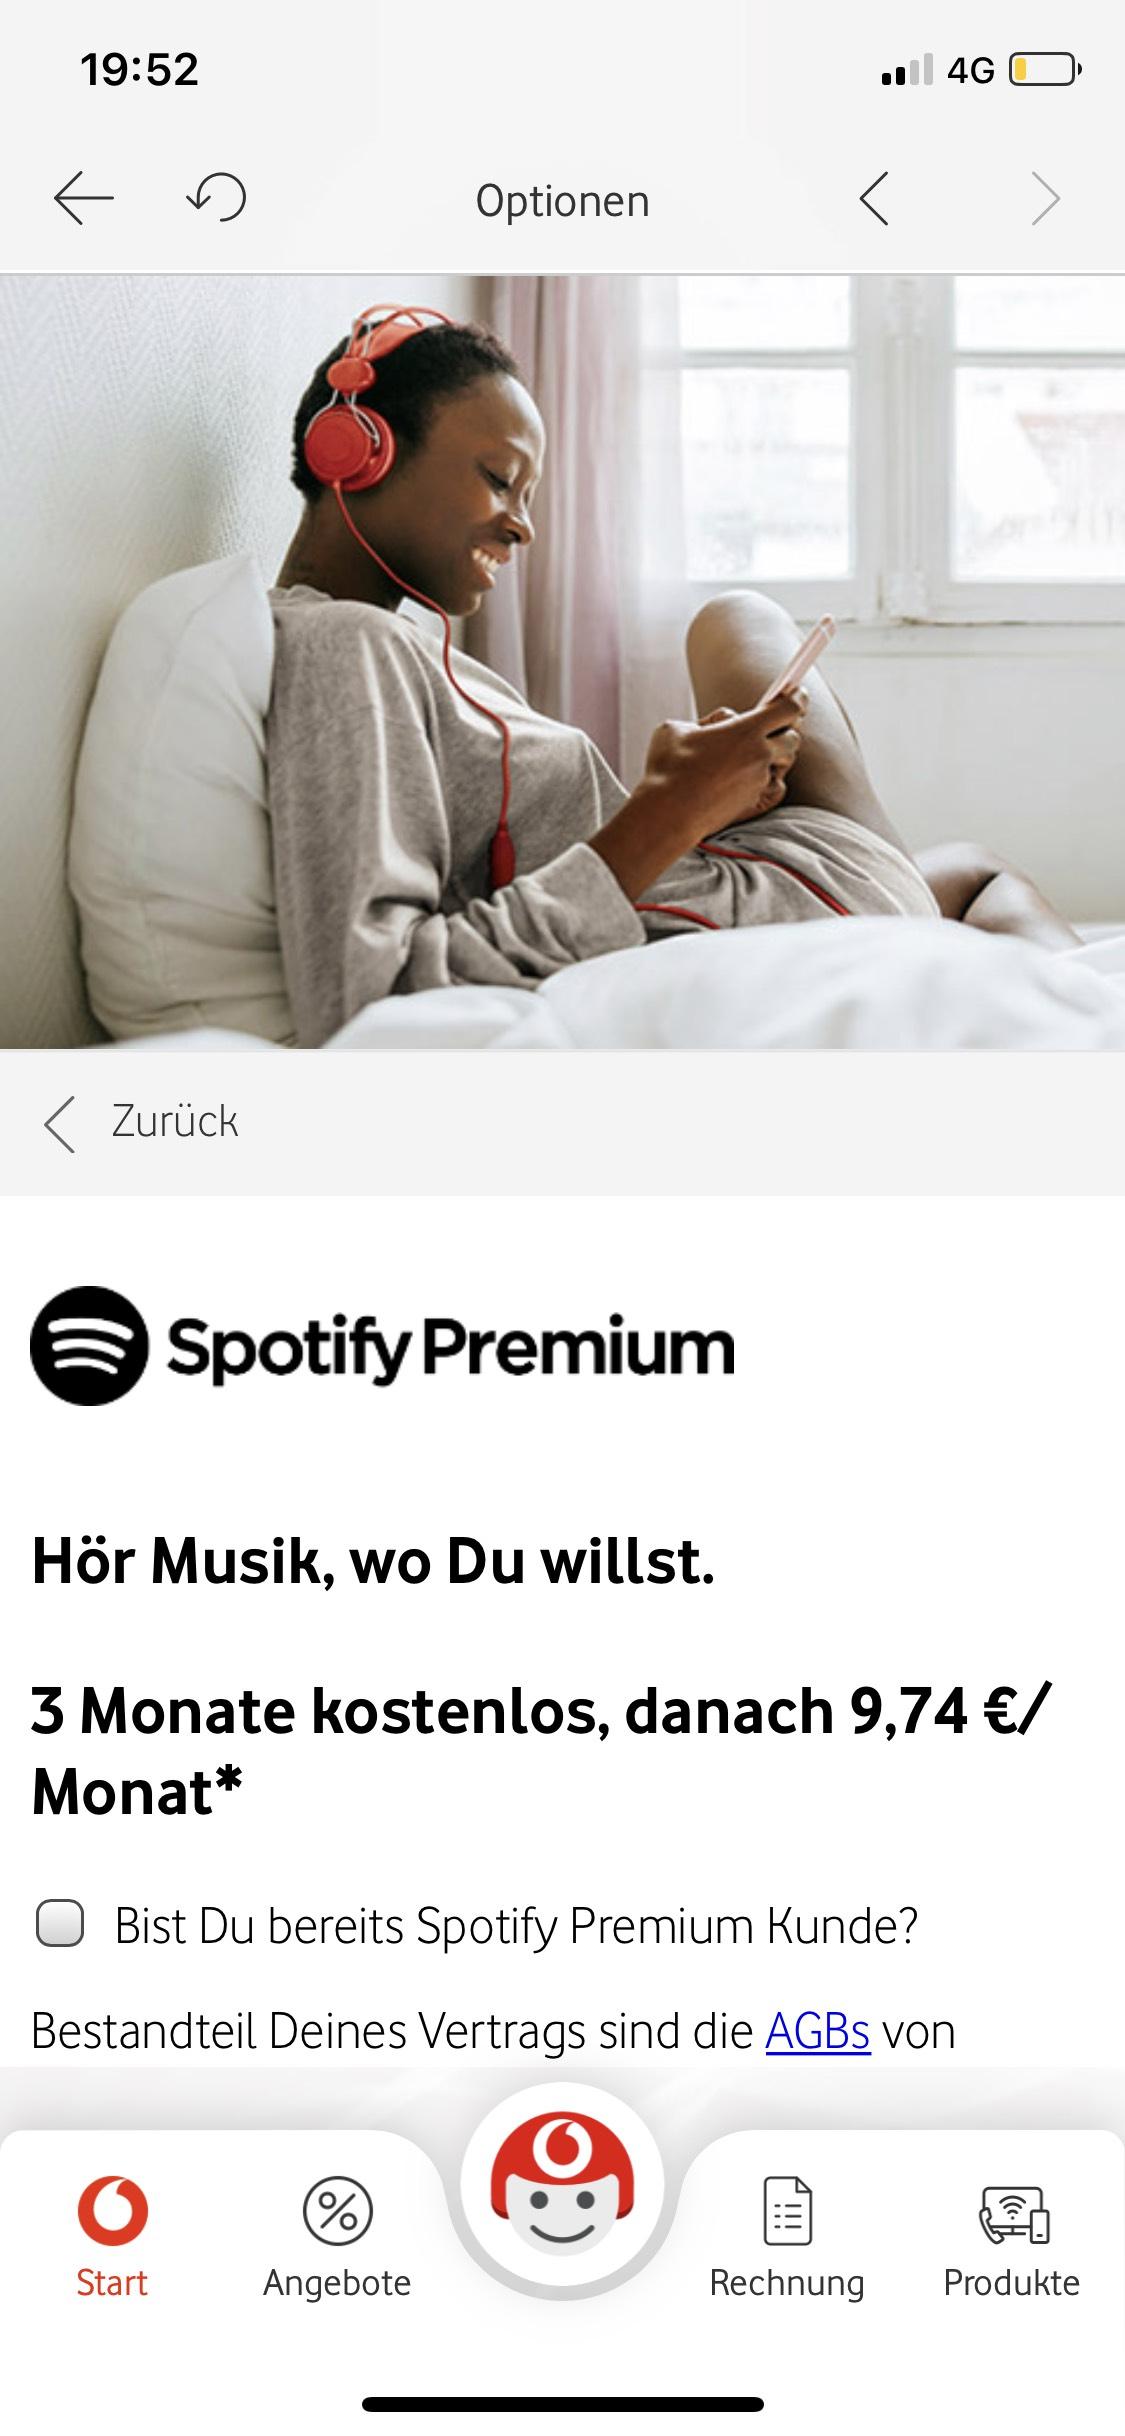 Spotify Premium 3 Monate gratis für Vodafone Kunden Mobilfunk Musik Streaming